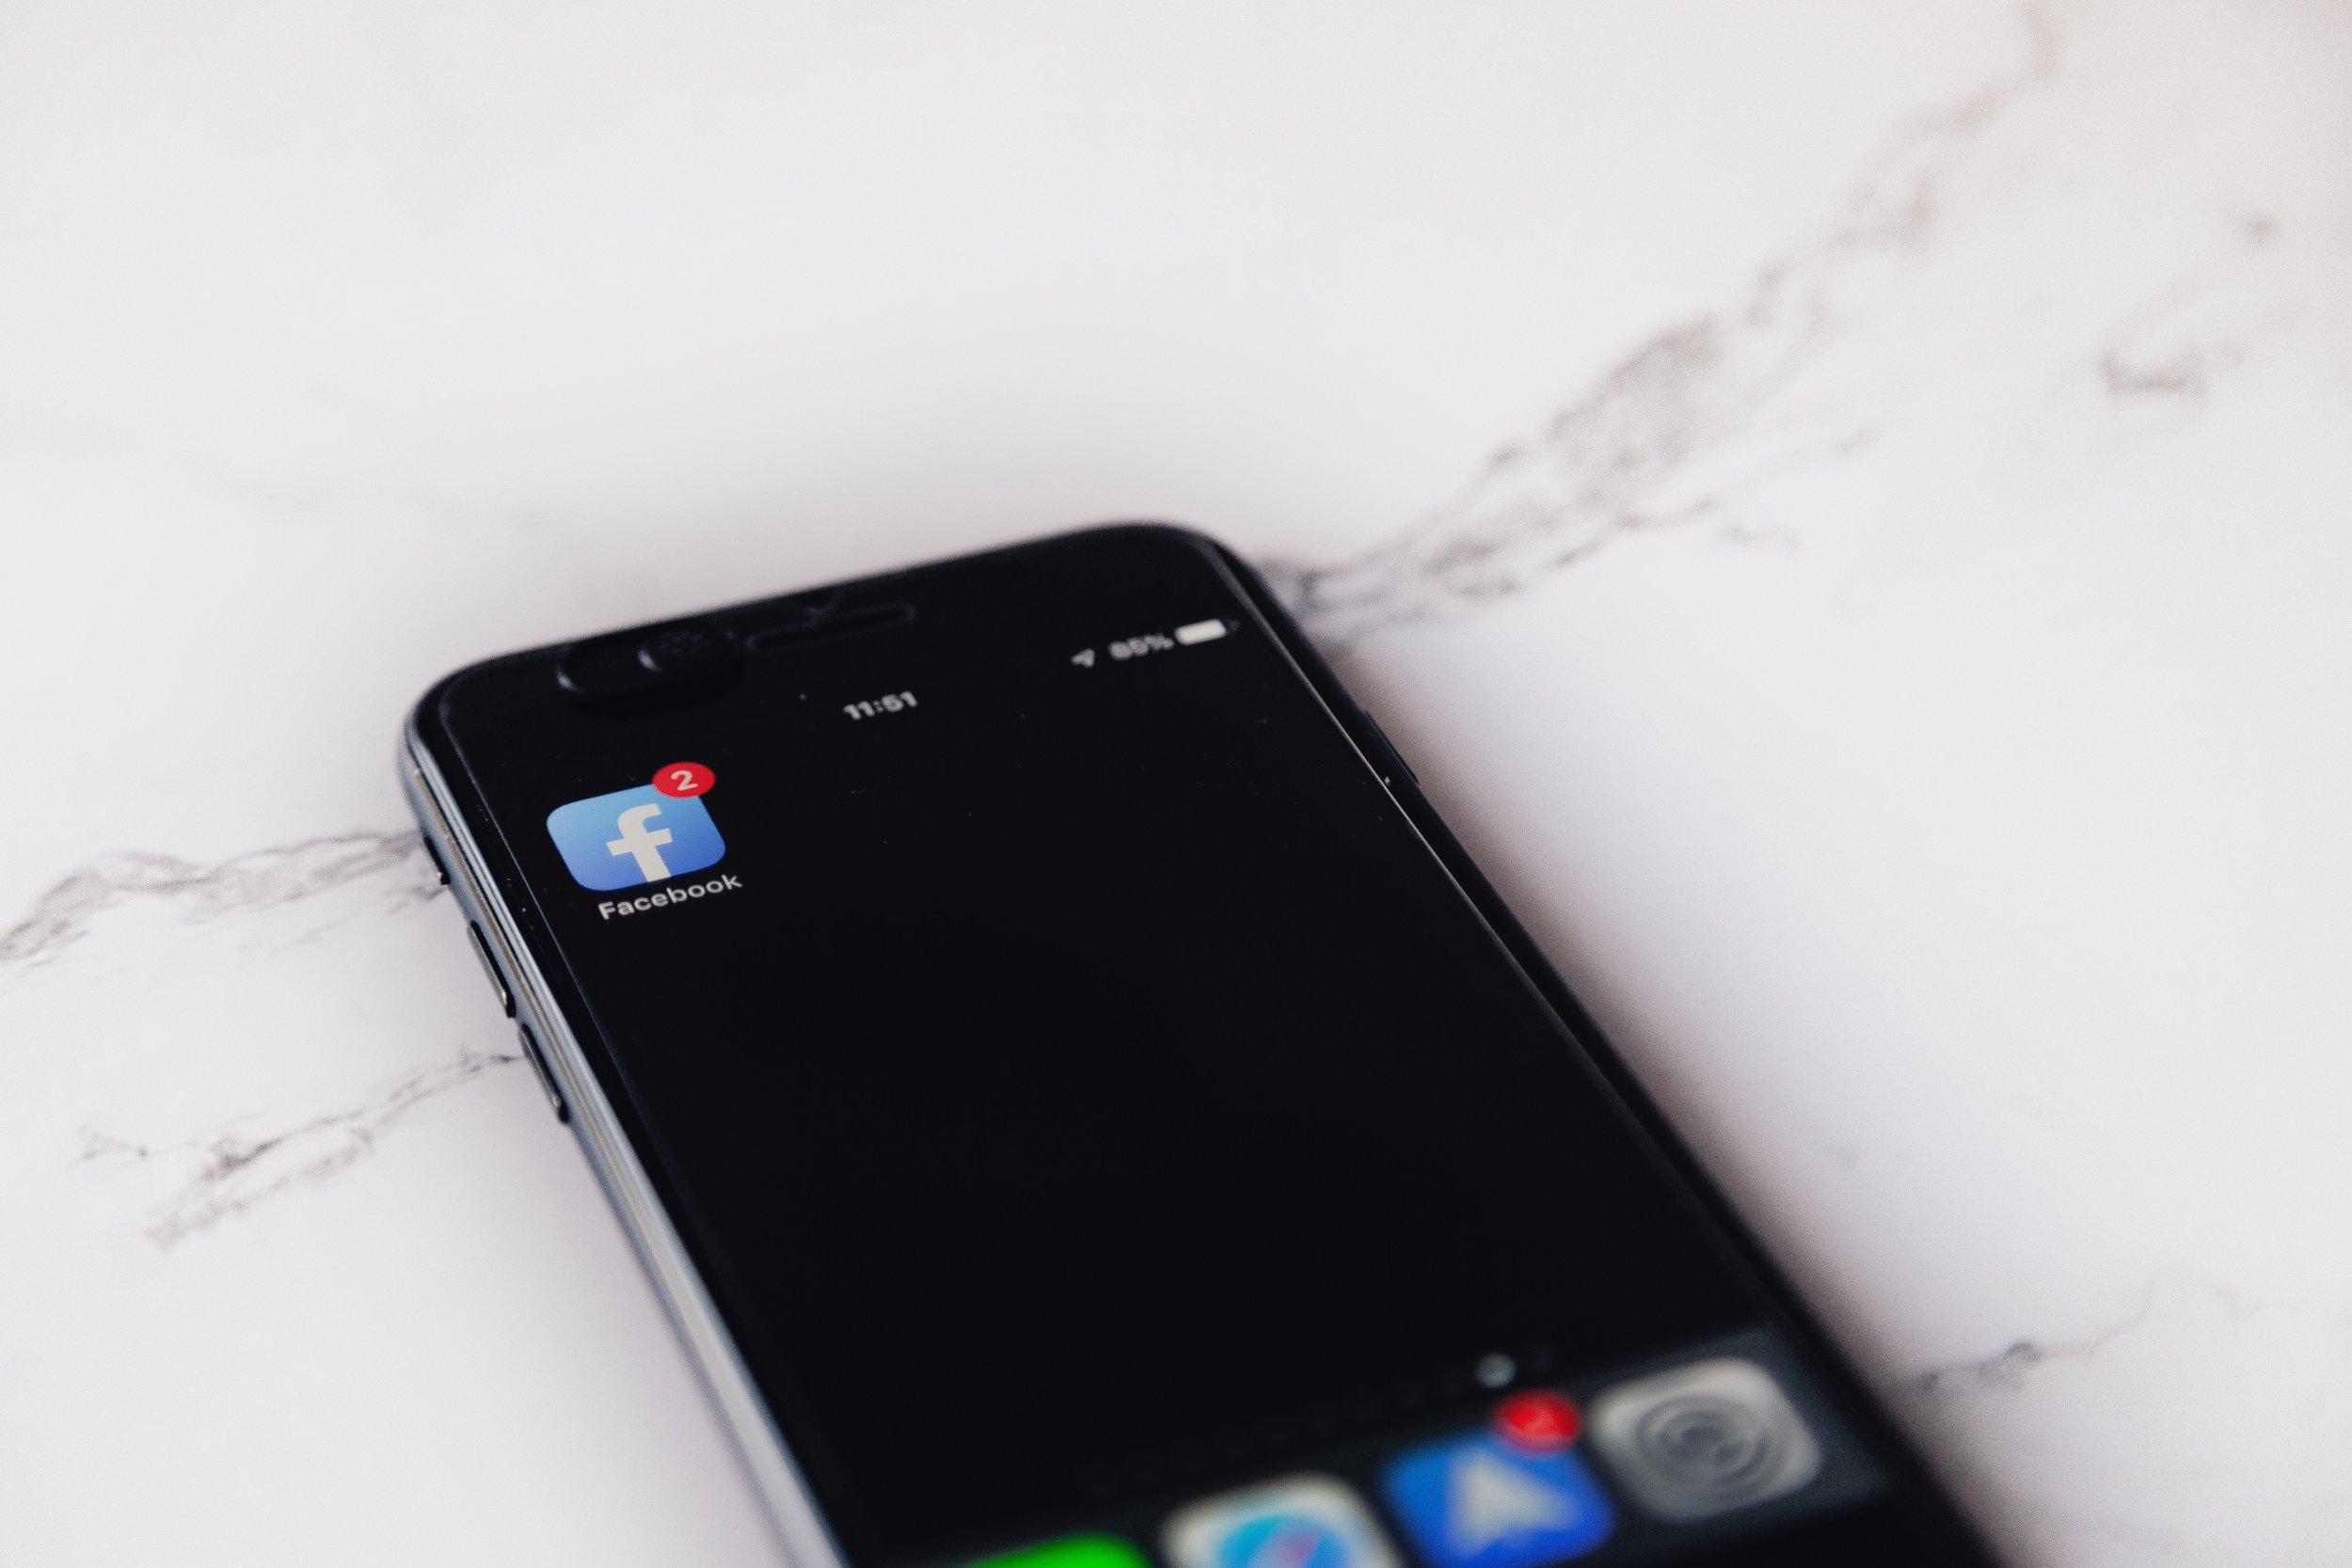 3.2 Millionen Mobile User - 3.2 Mio Personen können über Mobile Endgeräte erreicht werden